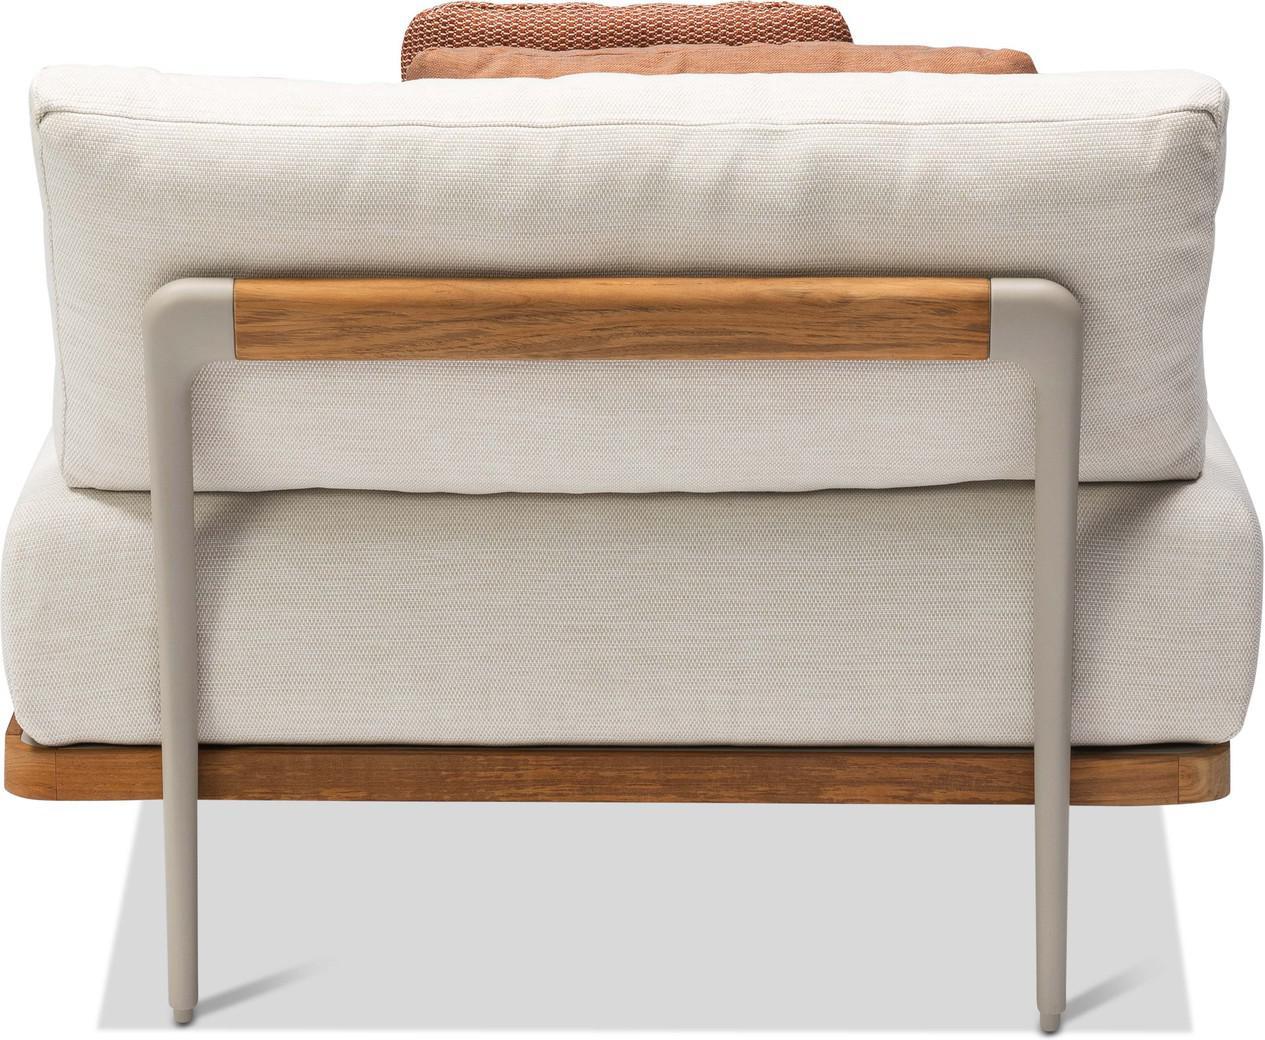 Flex Large middle seat - flint - teak